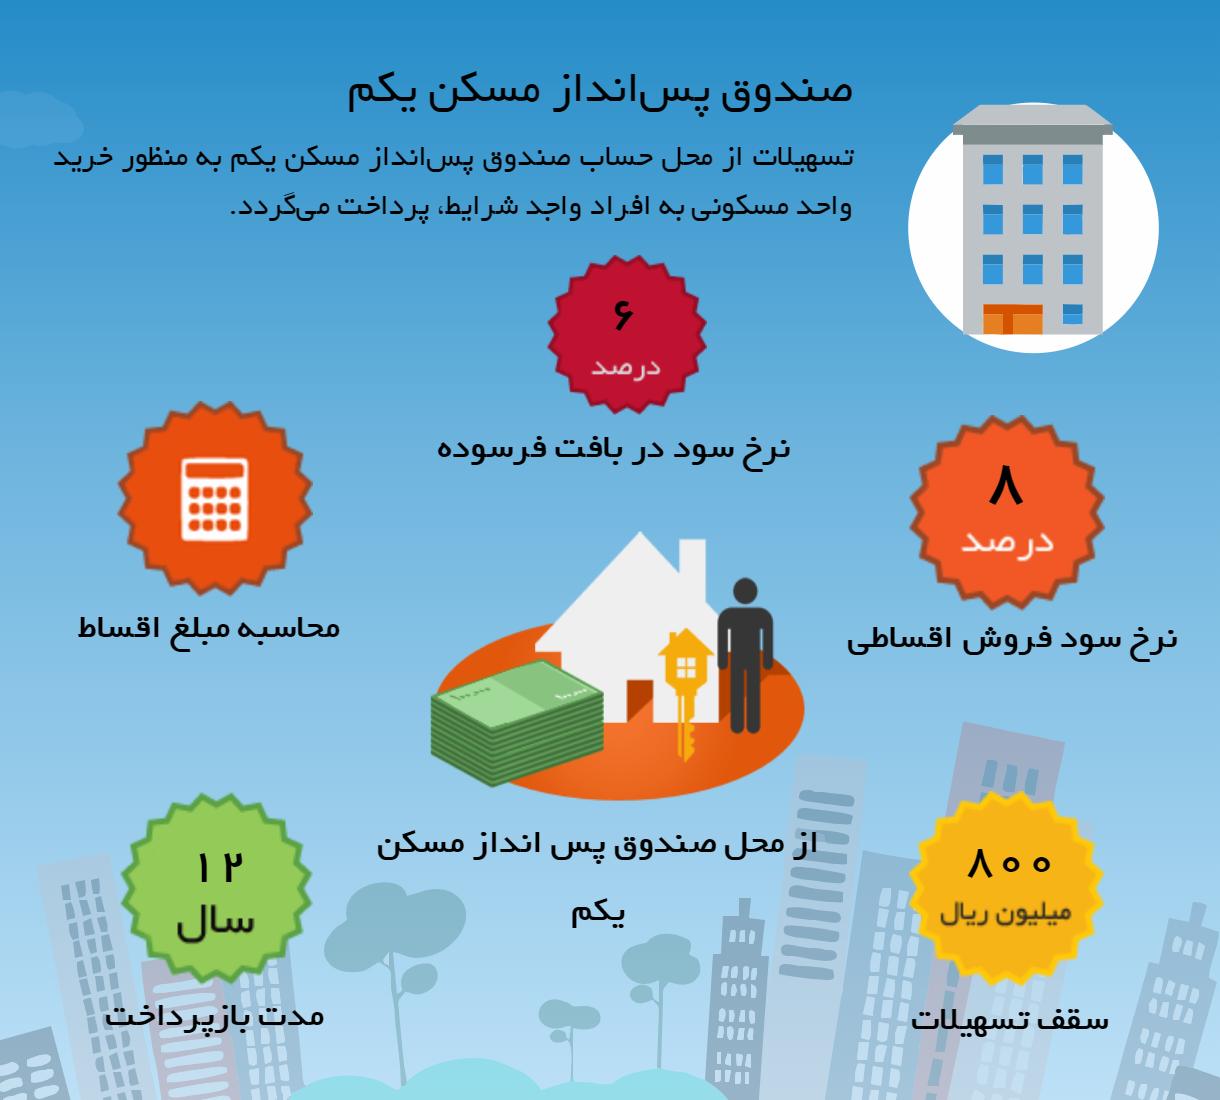 تسهیلات بانک مسکن - وام از محل صندوق جوانان